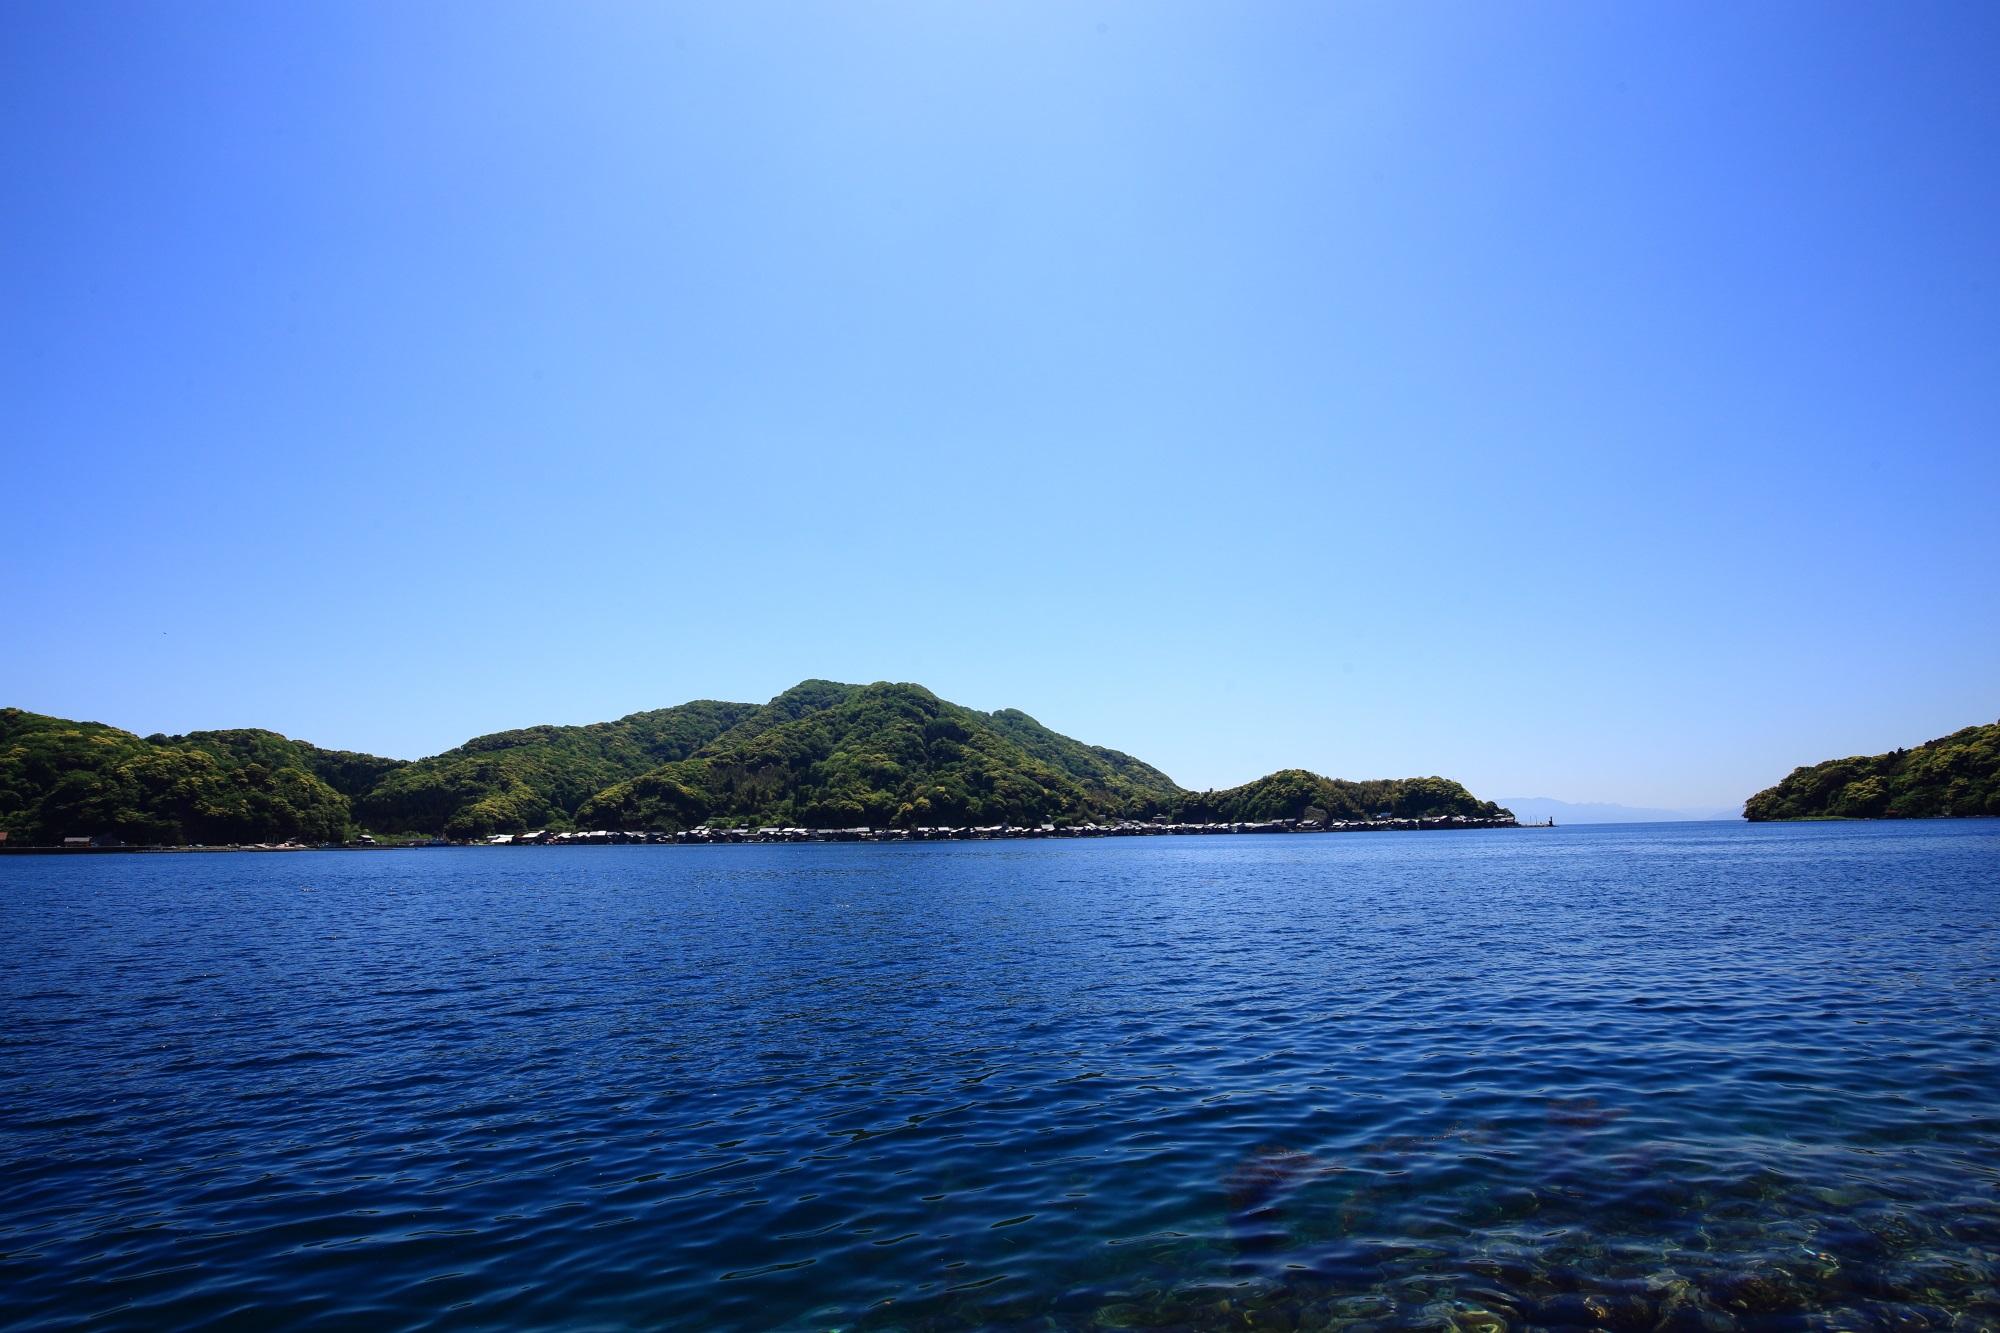 舟屋の里公園から見下ろす景色とはだいぶ趣きが異なる海辺で眺める伊根湾